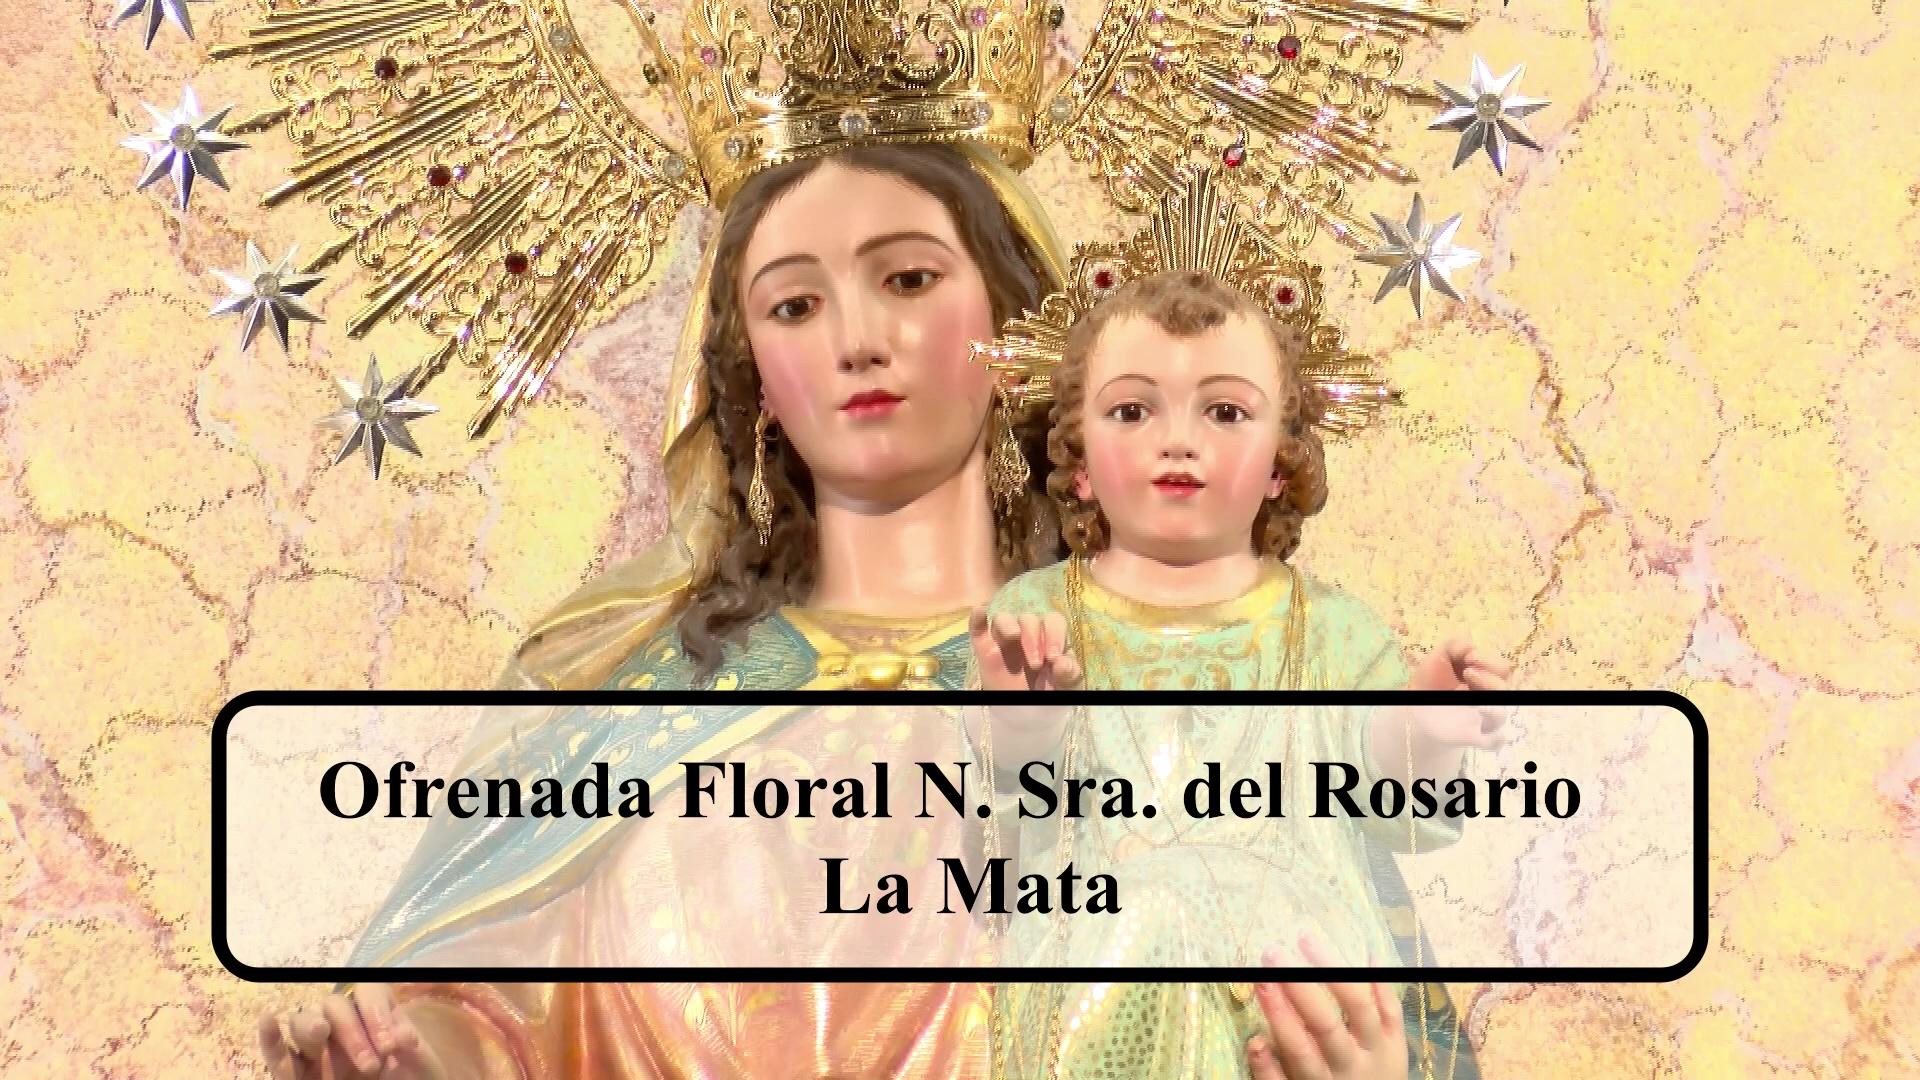 Ofrenda Floral Virgen del Rosario La Mata